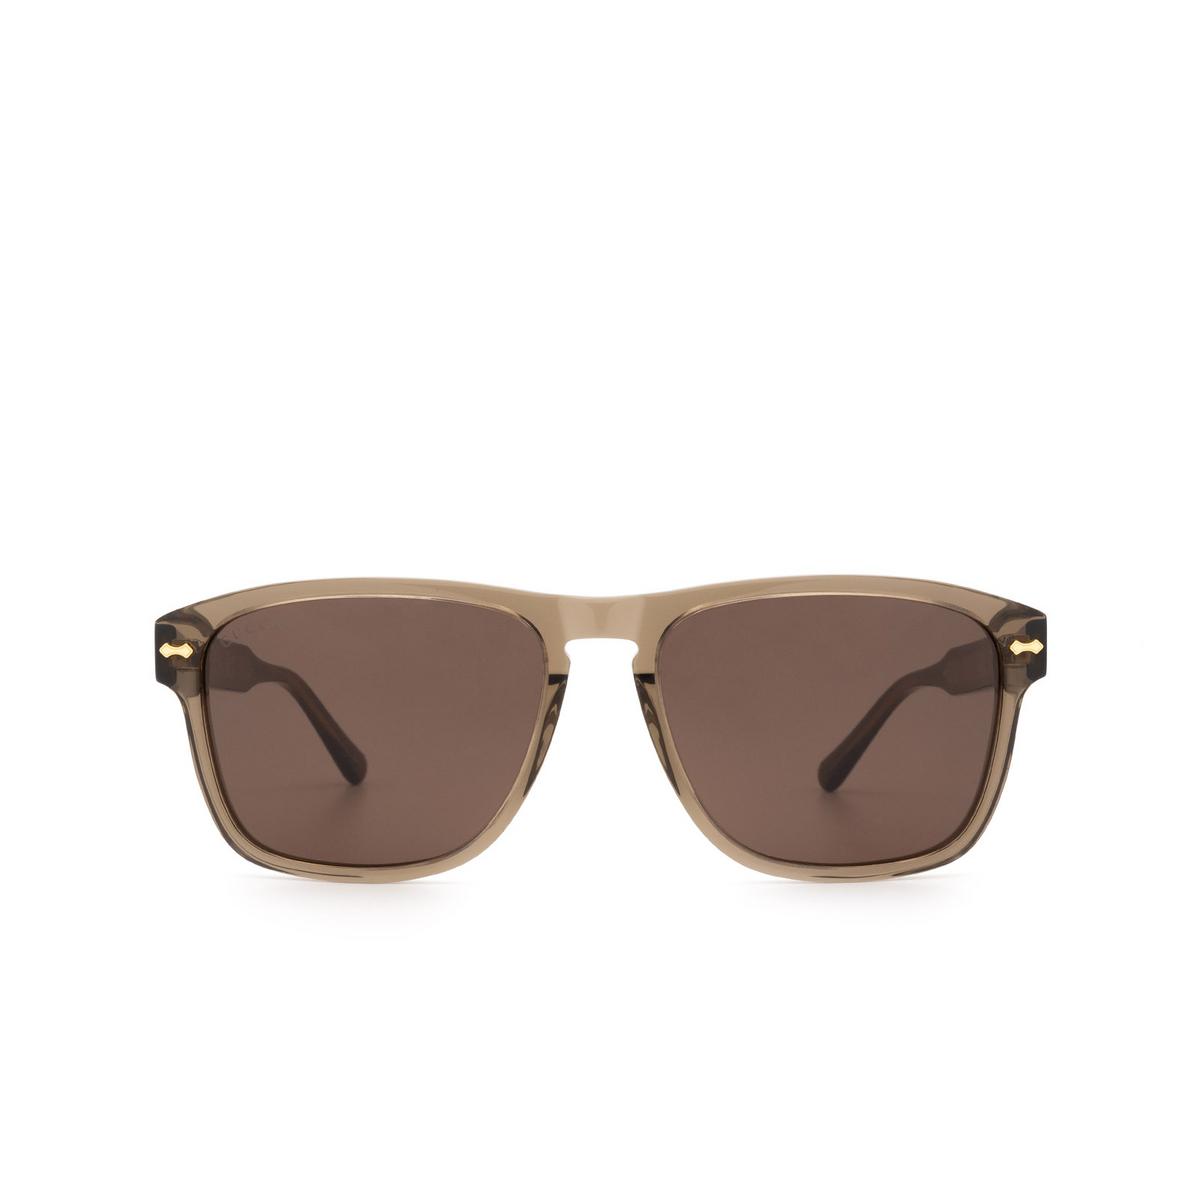 Gucci® Square Sunglasses: GG0911S color Brown 002 - 1/3.